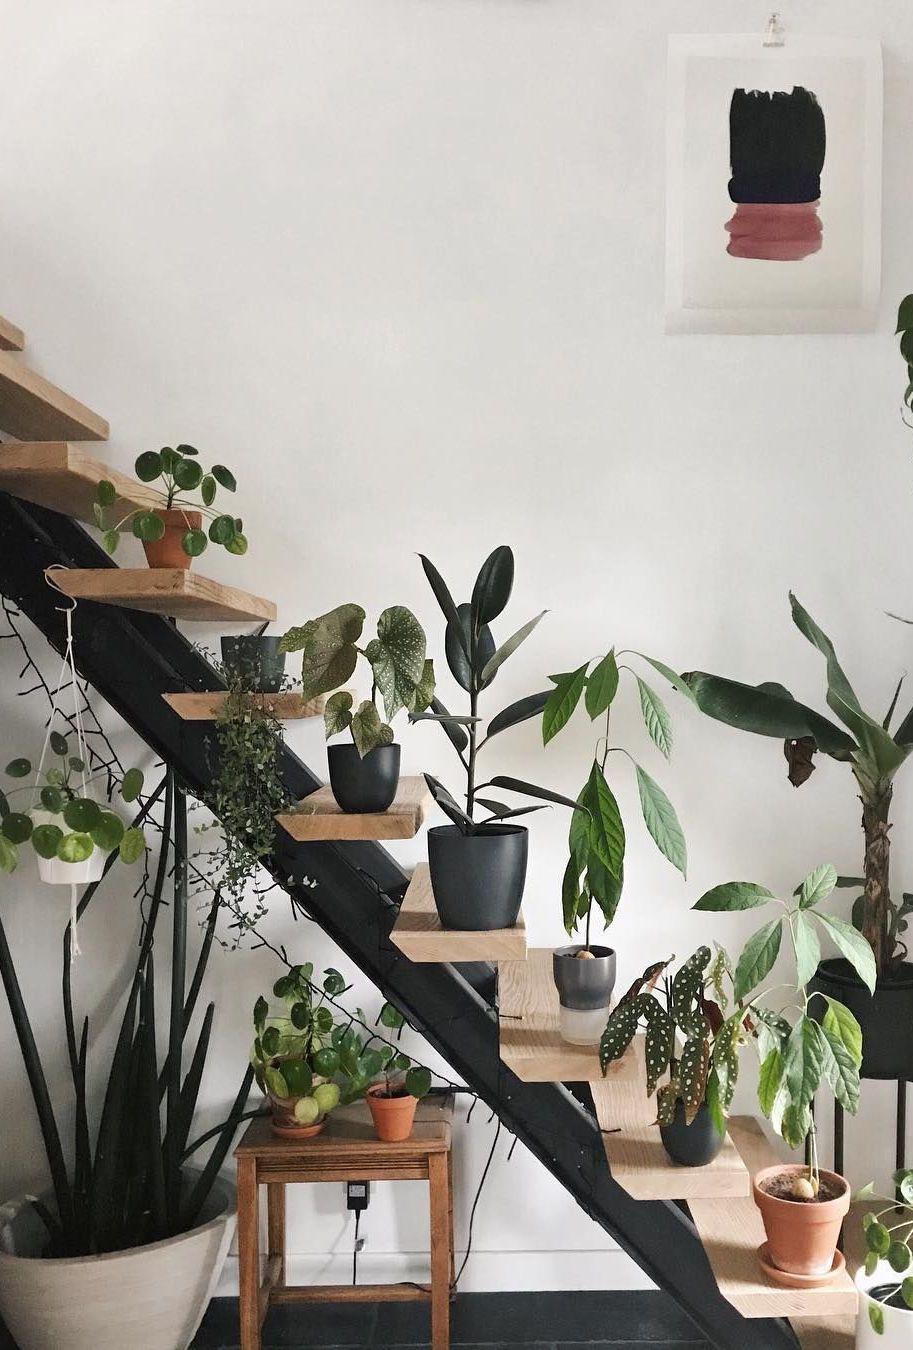 Aqui, o jardim embaixo da escada é formado por vasos e se estende por toda a extensão da escada